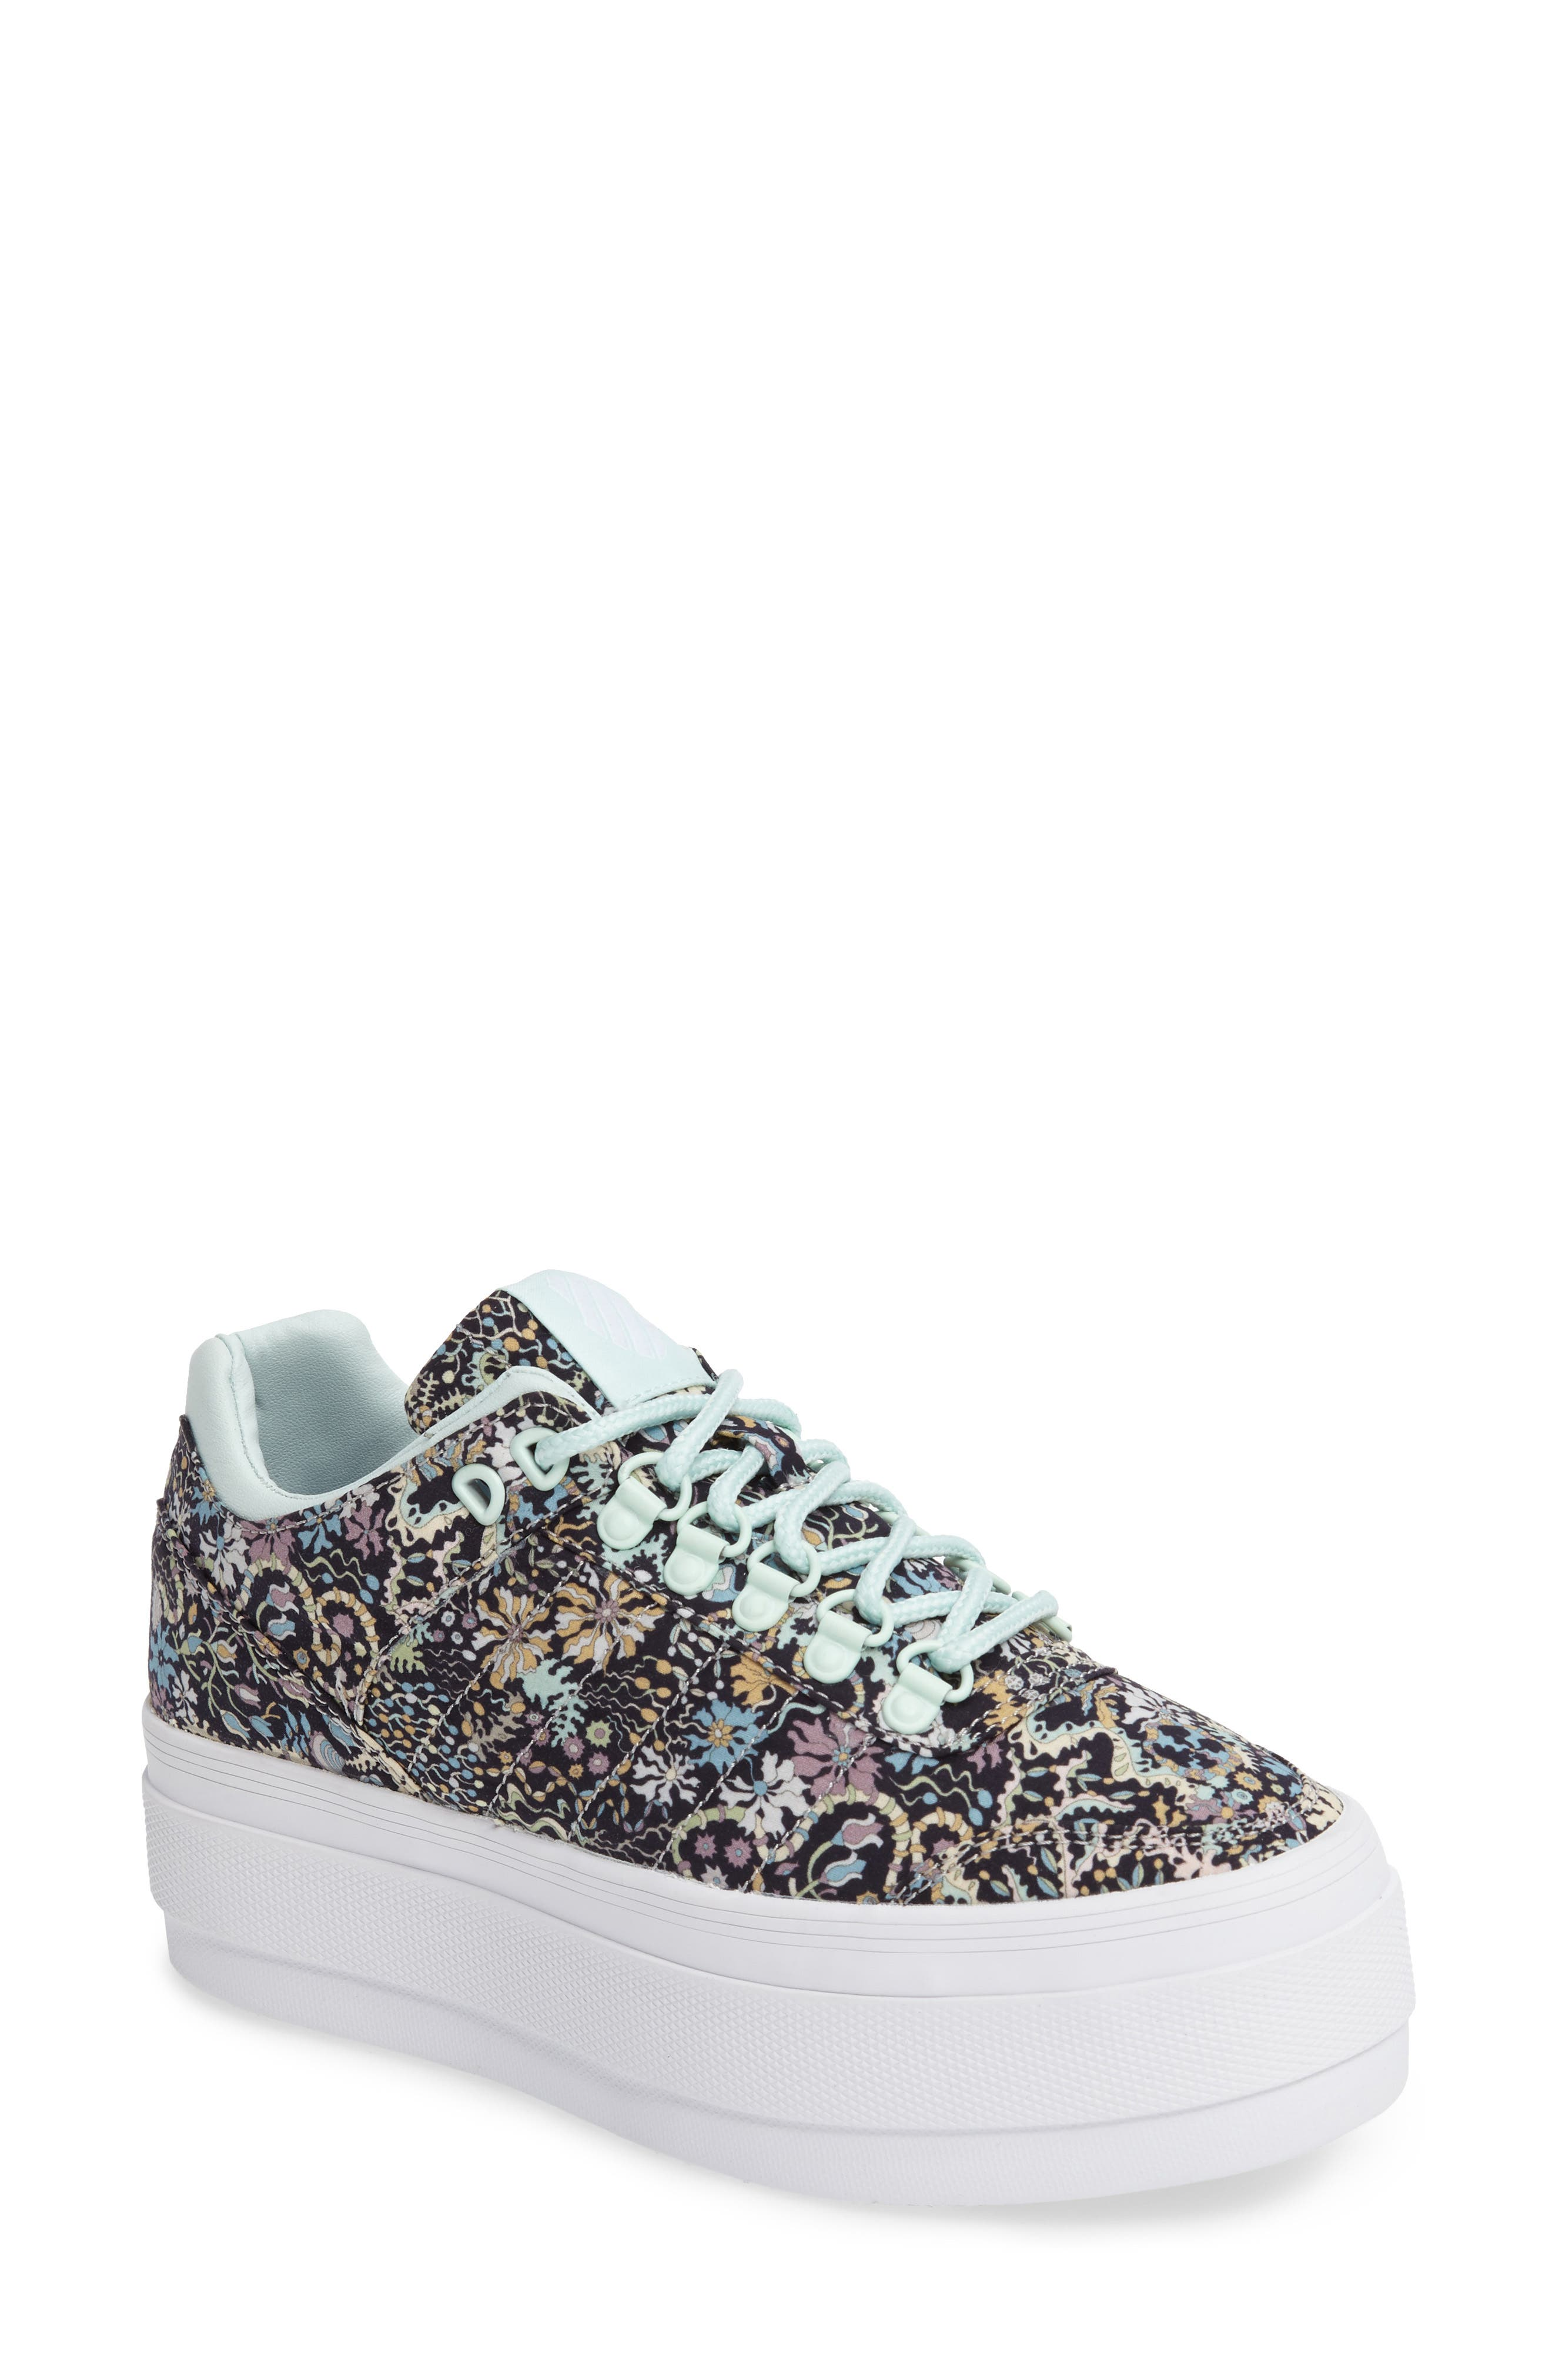 Gstaad Flatform Sneaker,                         Main,                         color, Black/ Glacier/ Liberty